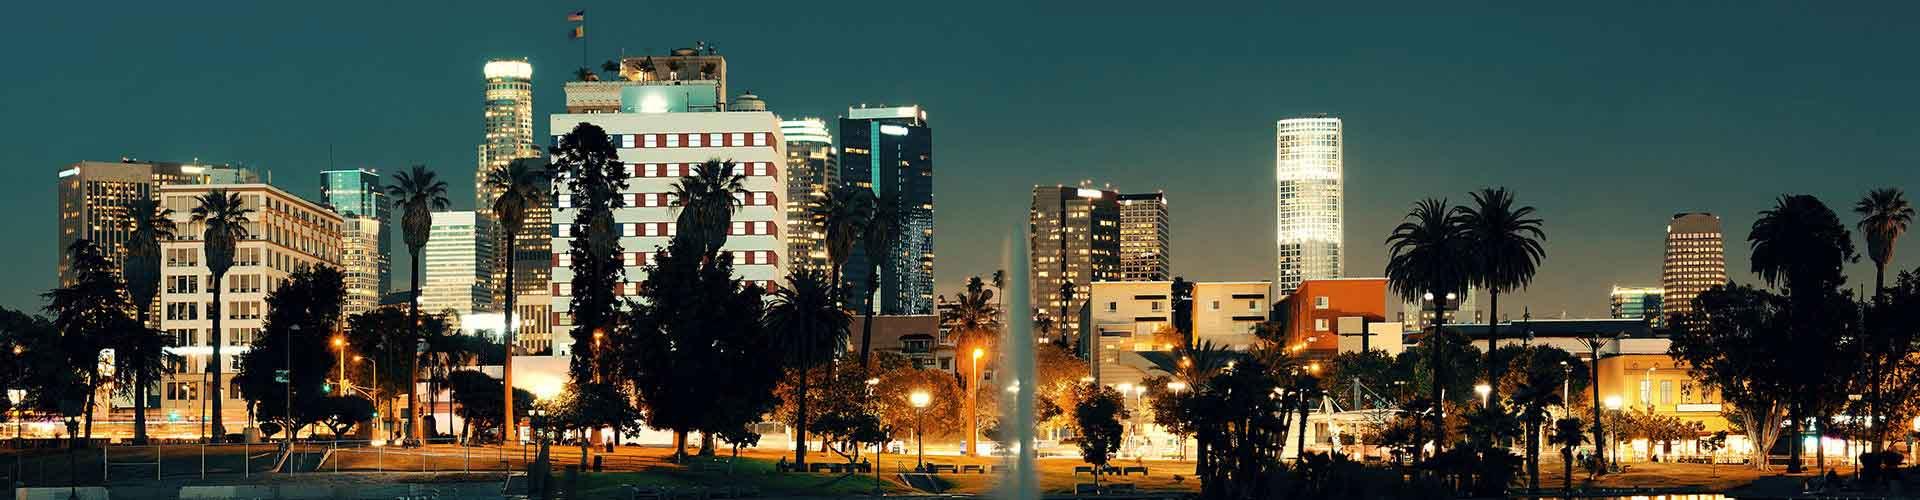 Los Ángeles - Habitaciones cerca a Hollywood Sign. Mapas de Los Ángeles, Fotos y comentarios de cada Habitación en Los Ángeles.